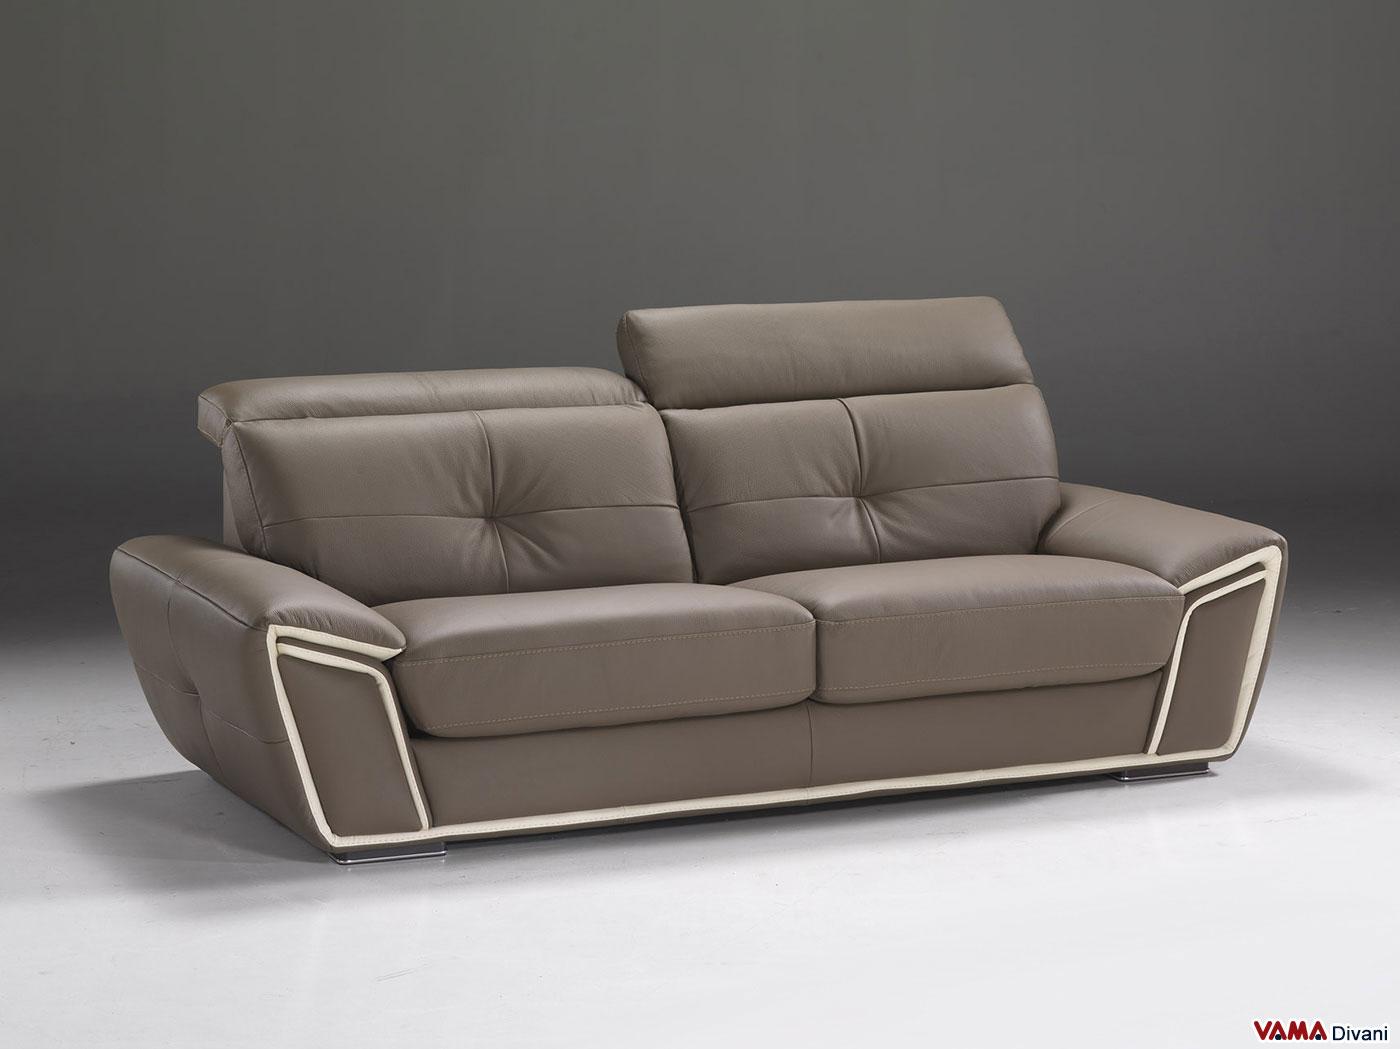 Divano moderno in pelle con poggiatesta regolabili - Copridivano per divano in pelle ...